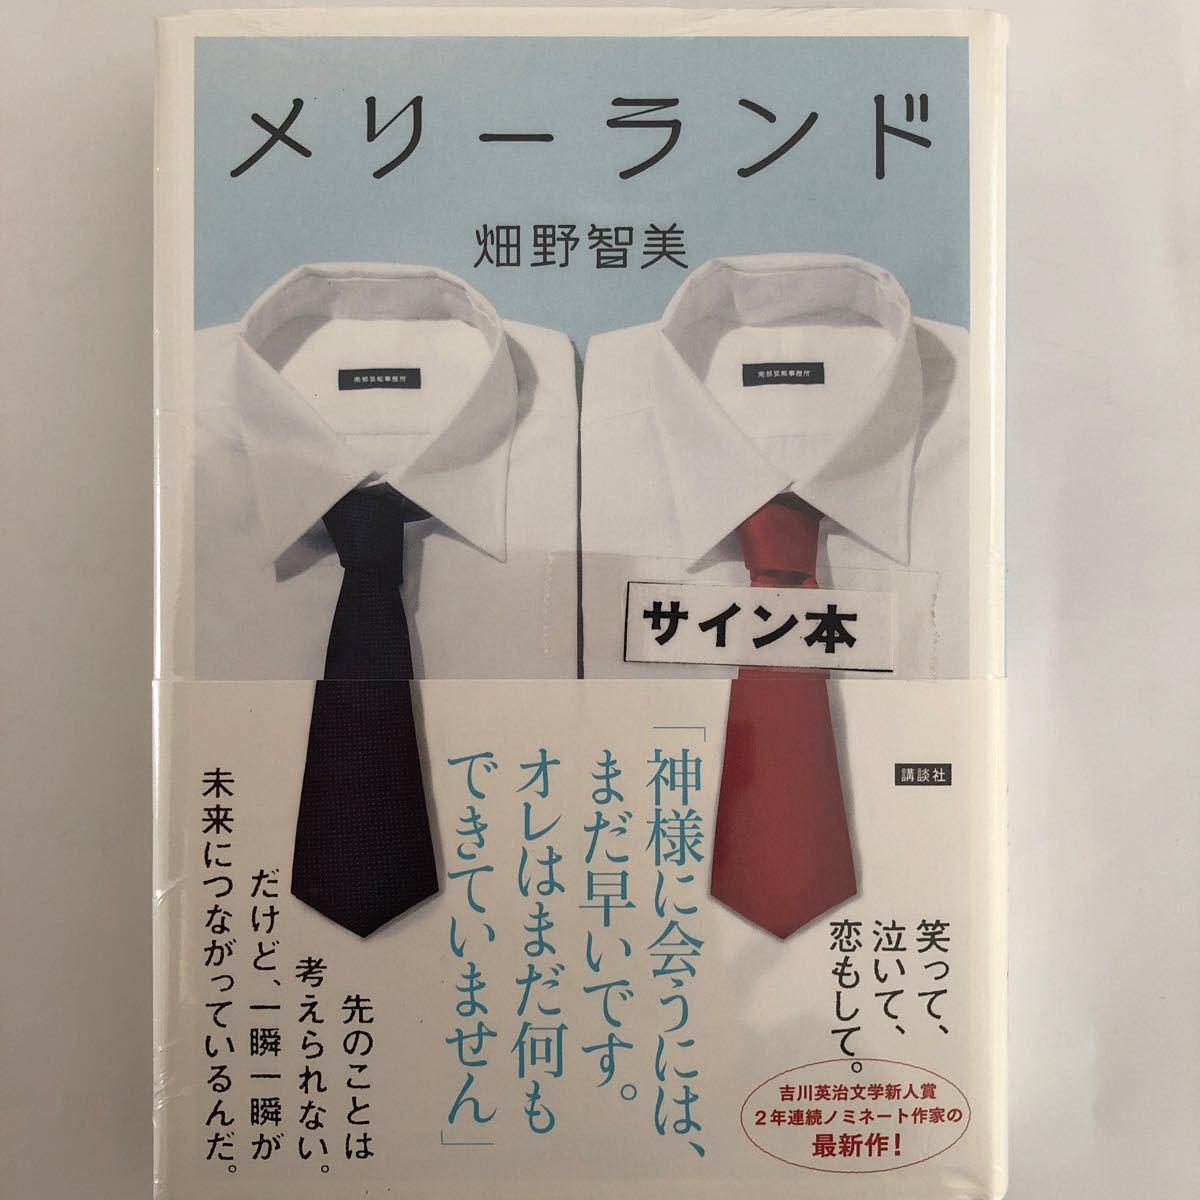 単行本(小説・エッセイ) メリーランド / 畑野智美 サイン本